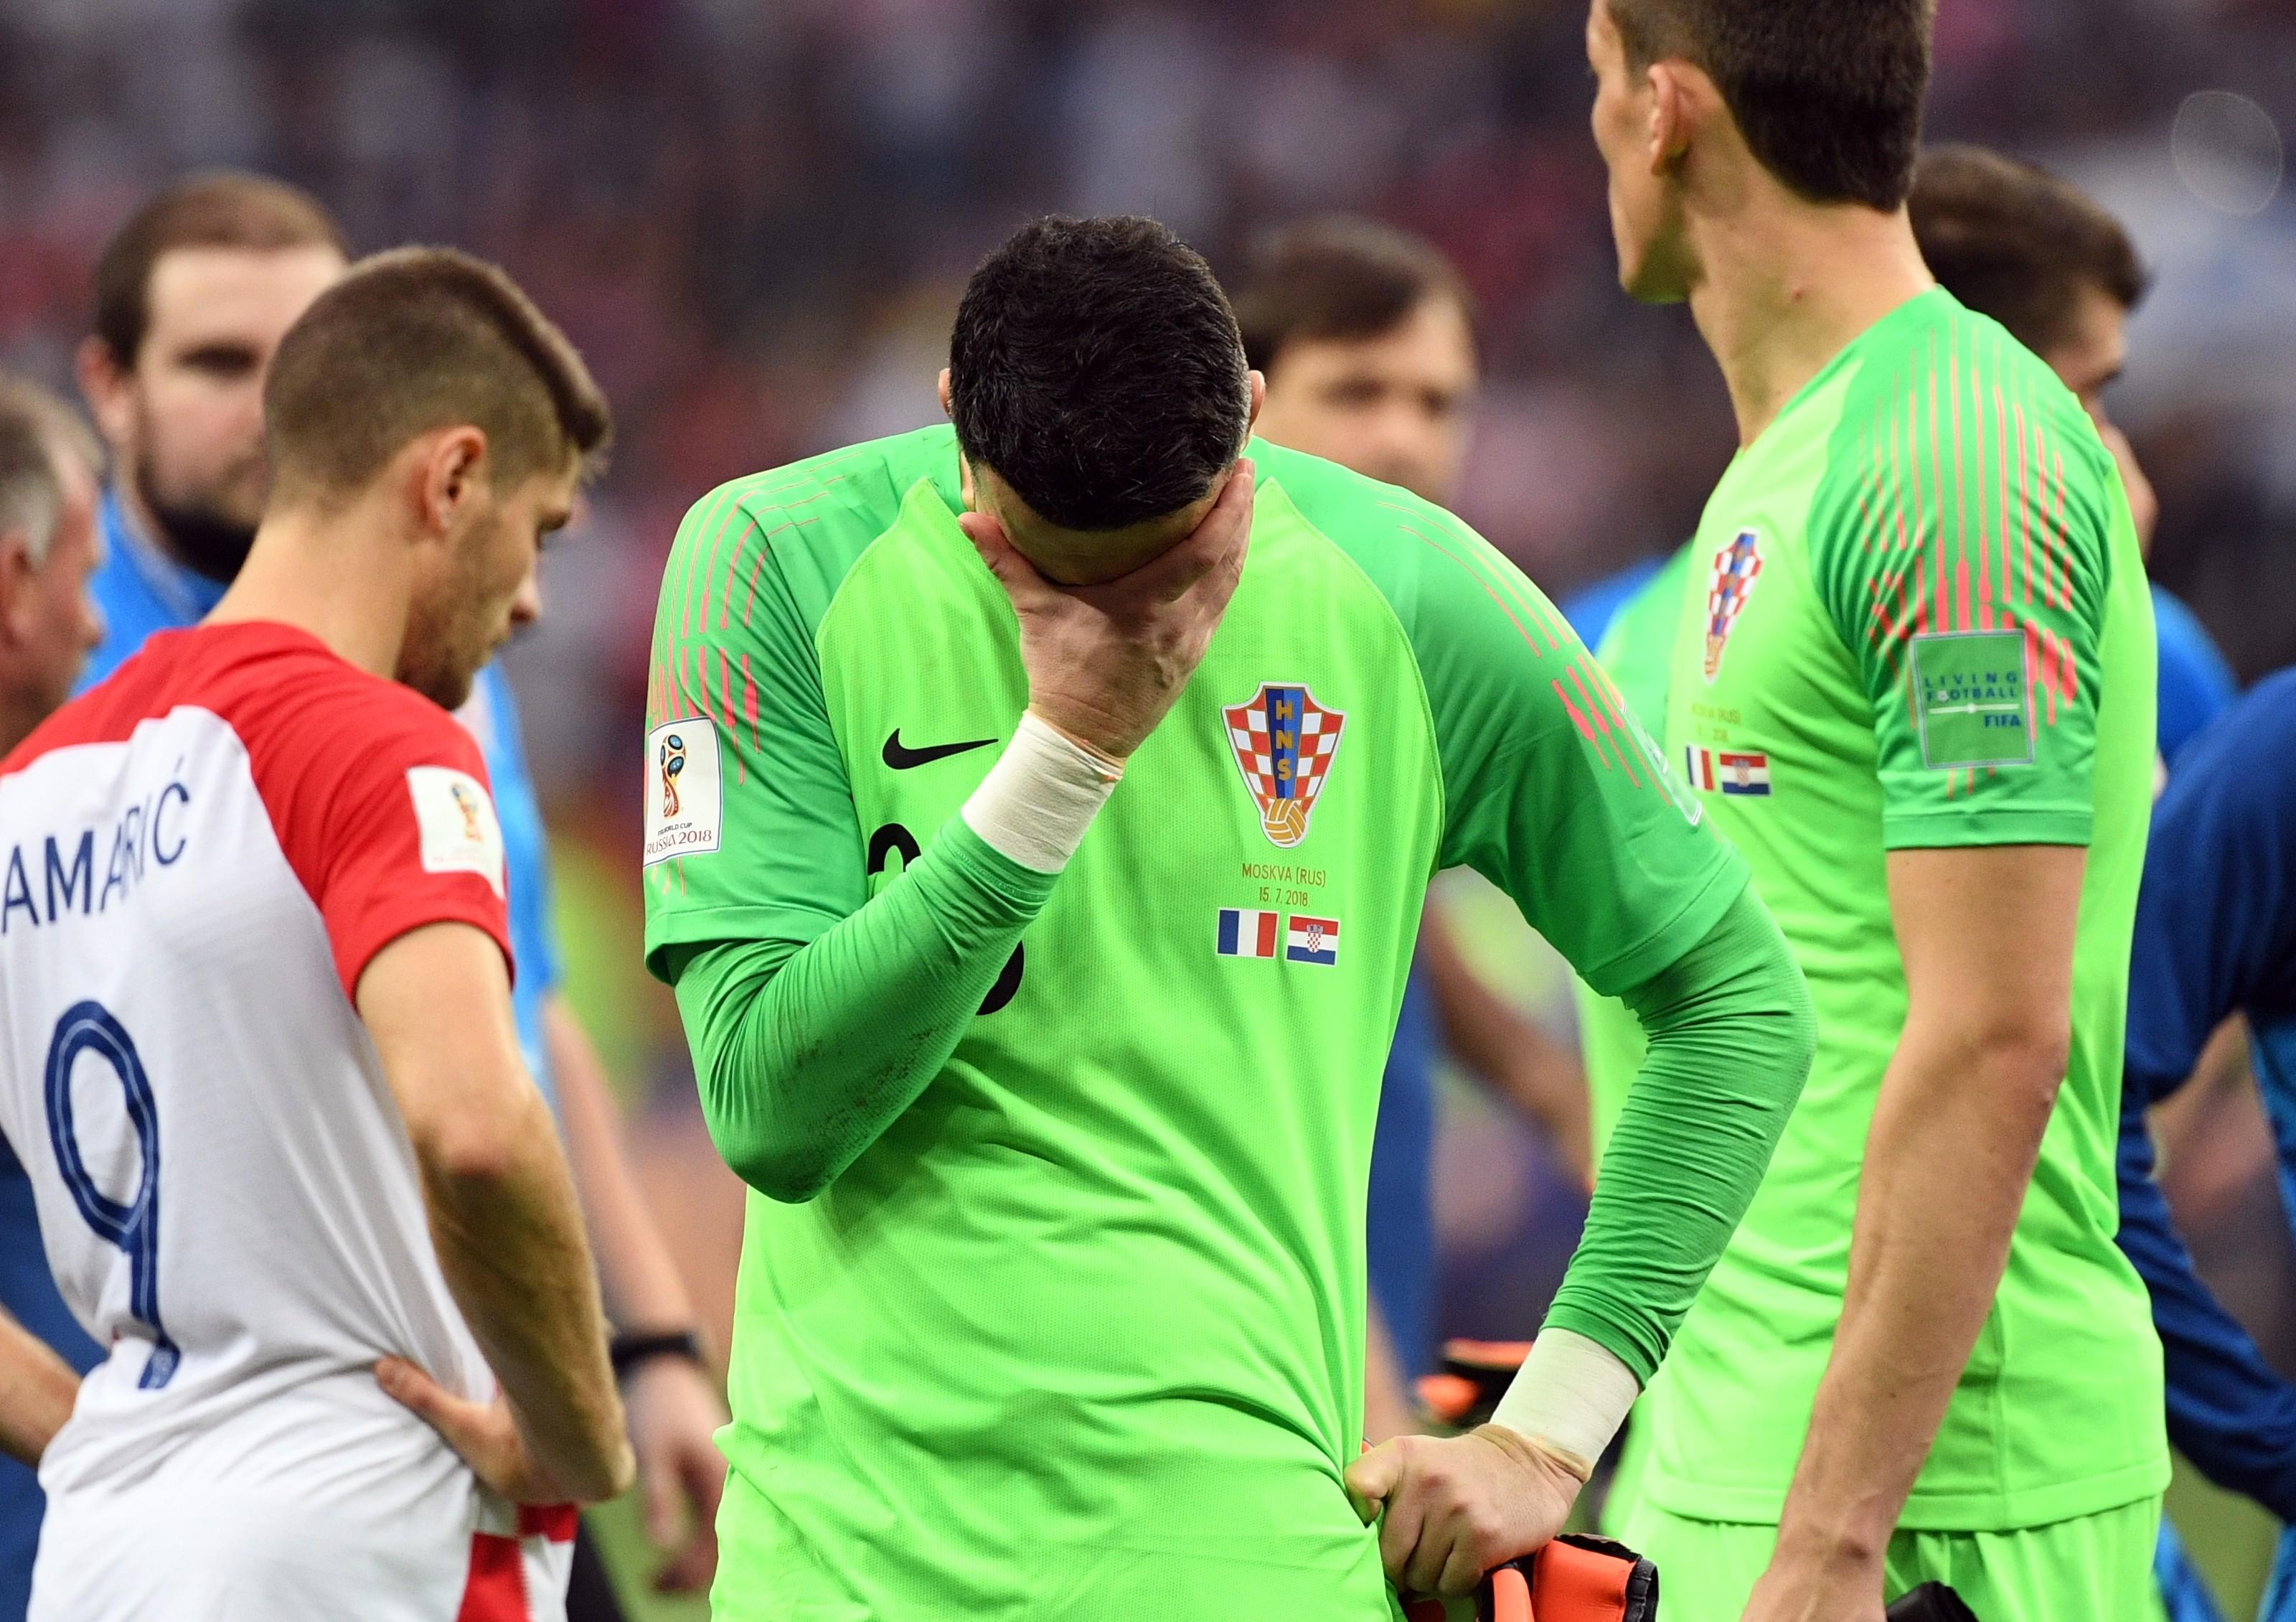 Плакали и хорваты... Фото: РИА Новости/Григорий Сысоев